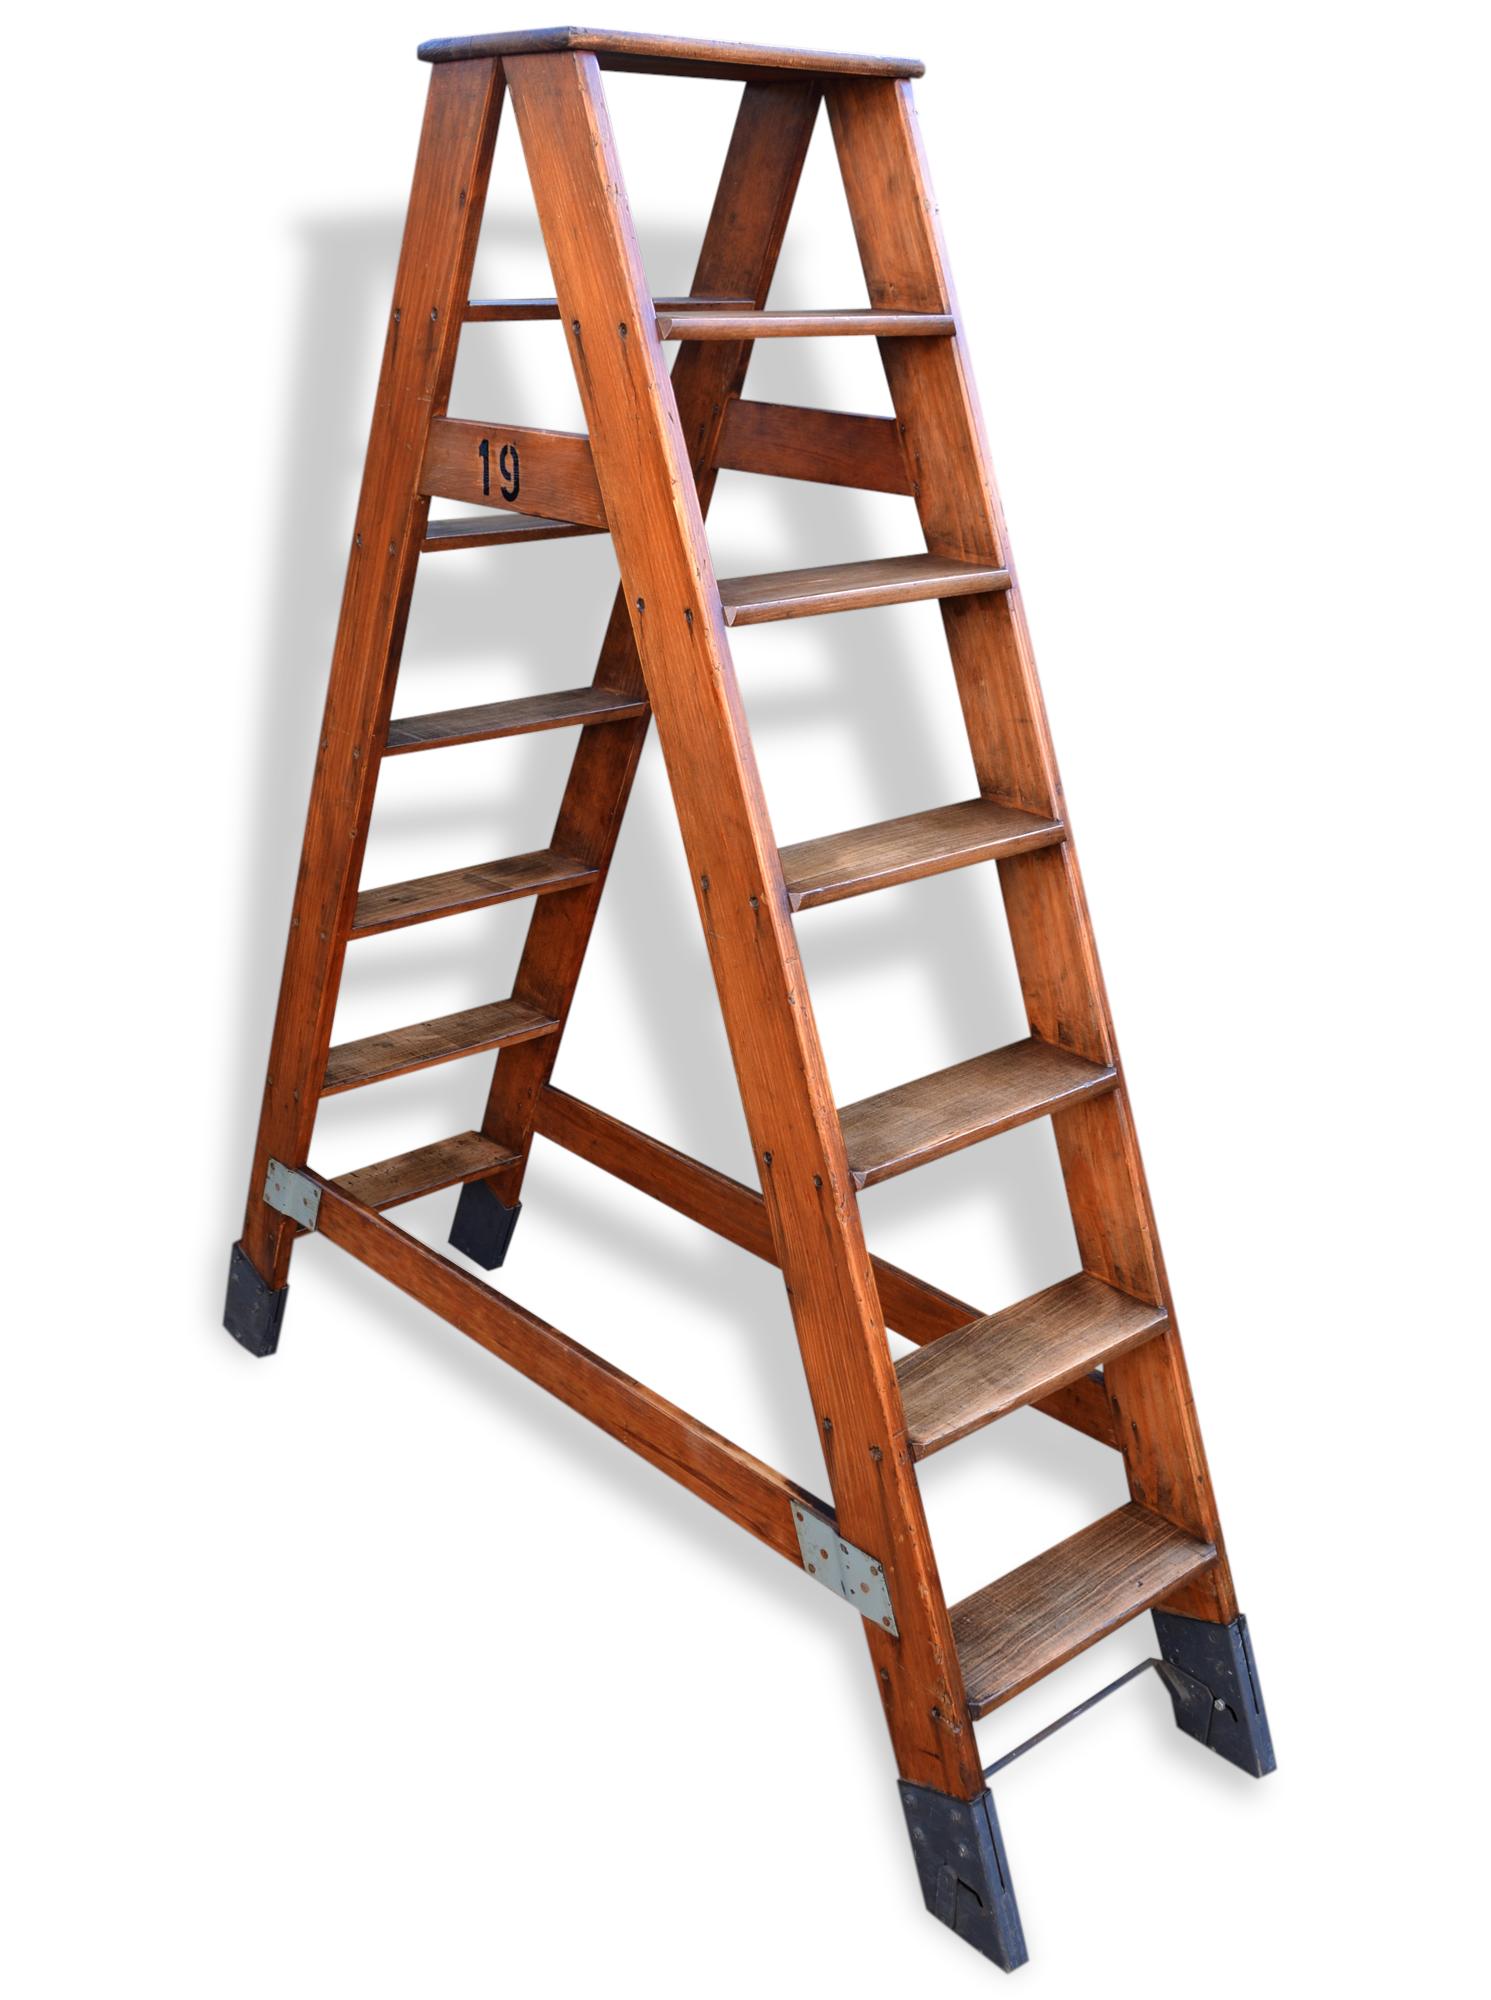 escabeau pour bibliothèque ou dressing - bois (matériau) - bois